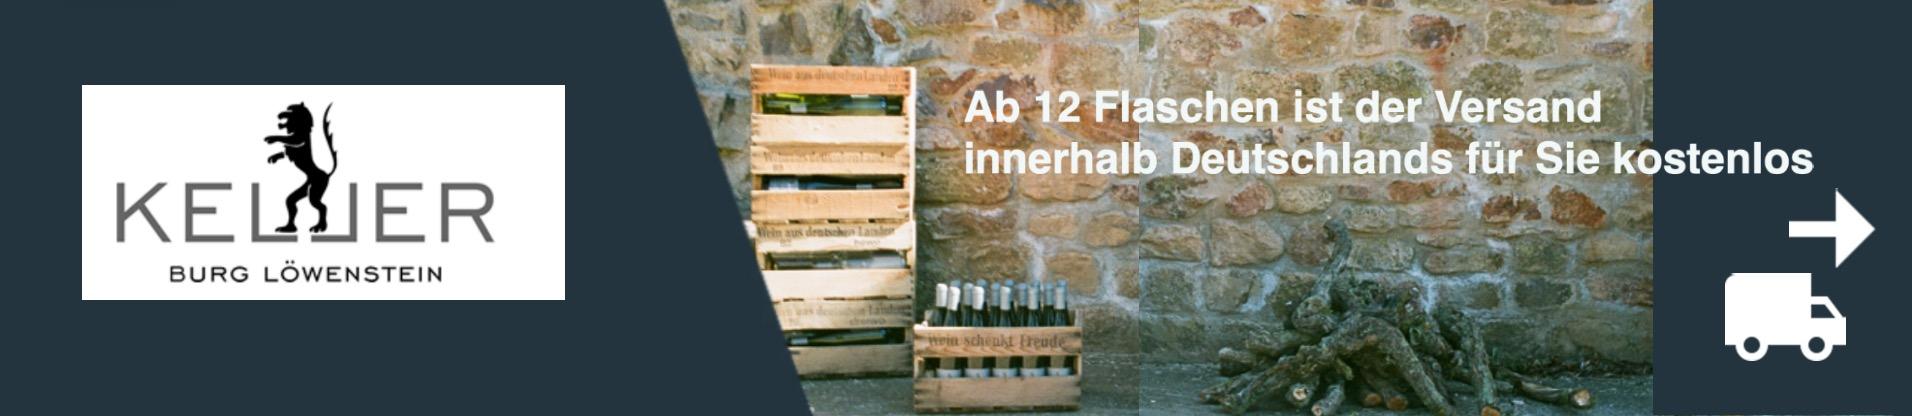 Ab 12 Flaschen ist der Versand innerhalb Deutschlands für Sie kostenlos.